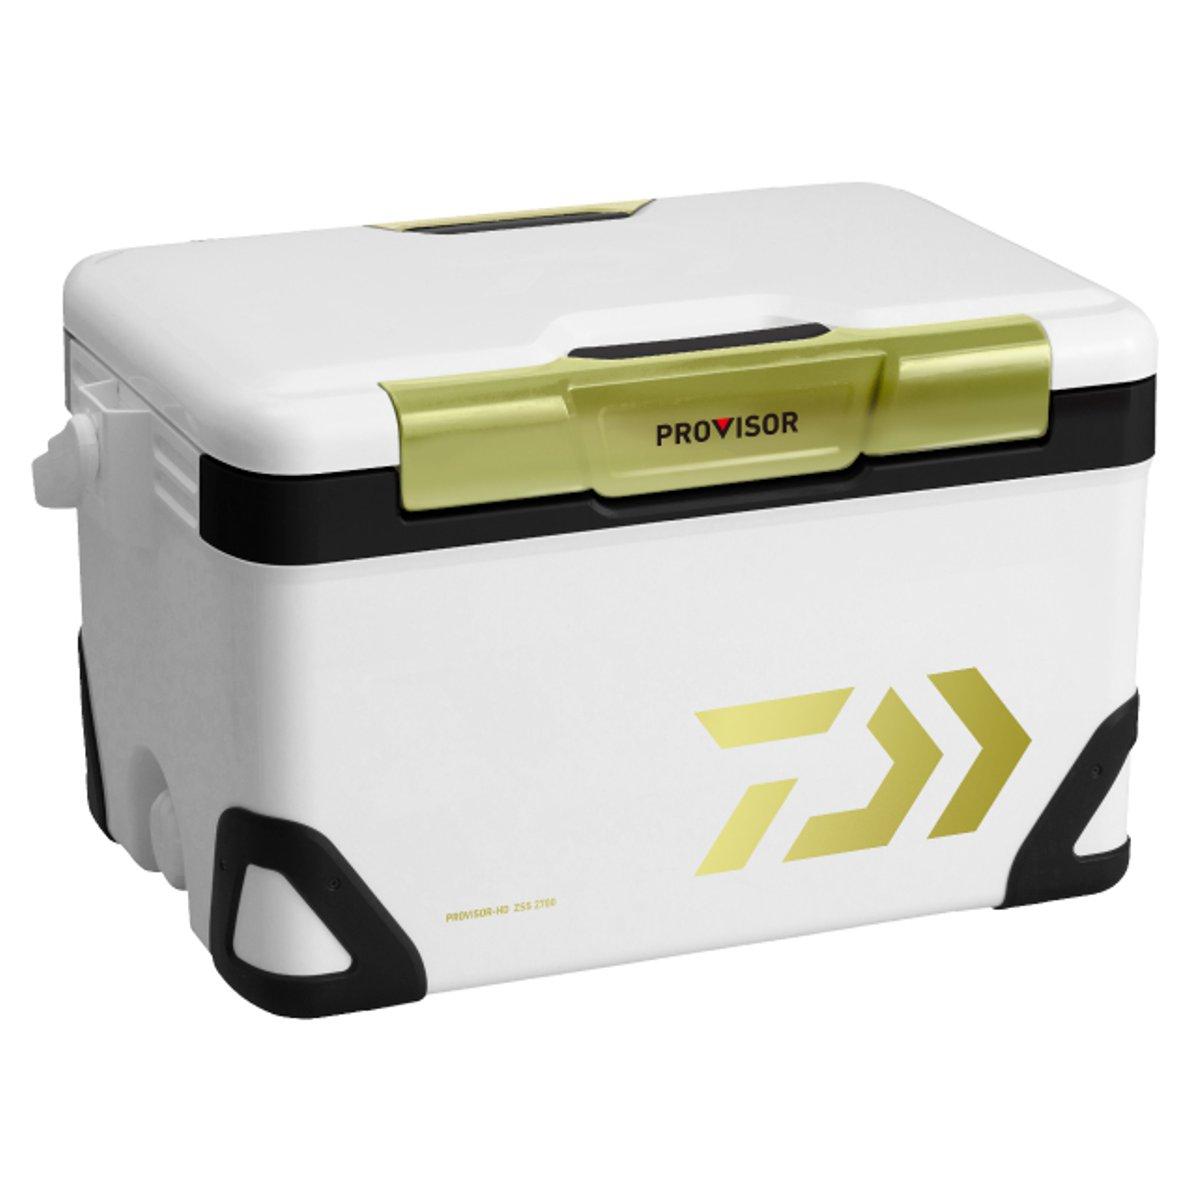 【スマホエントリ10倍】ダイワ プロバイザー HD ZSS 2700 シャンパンゴールド クーラーボックス【送料無料】